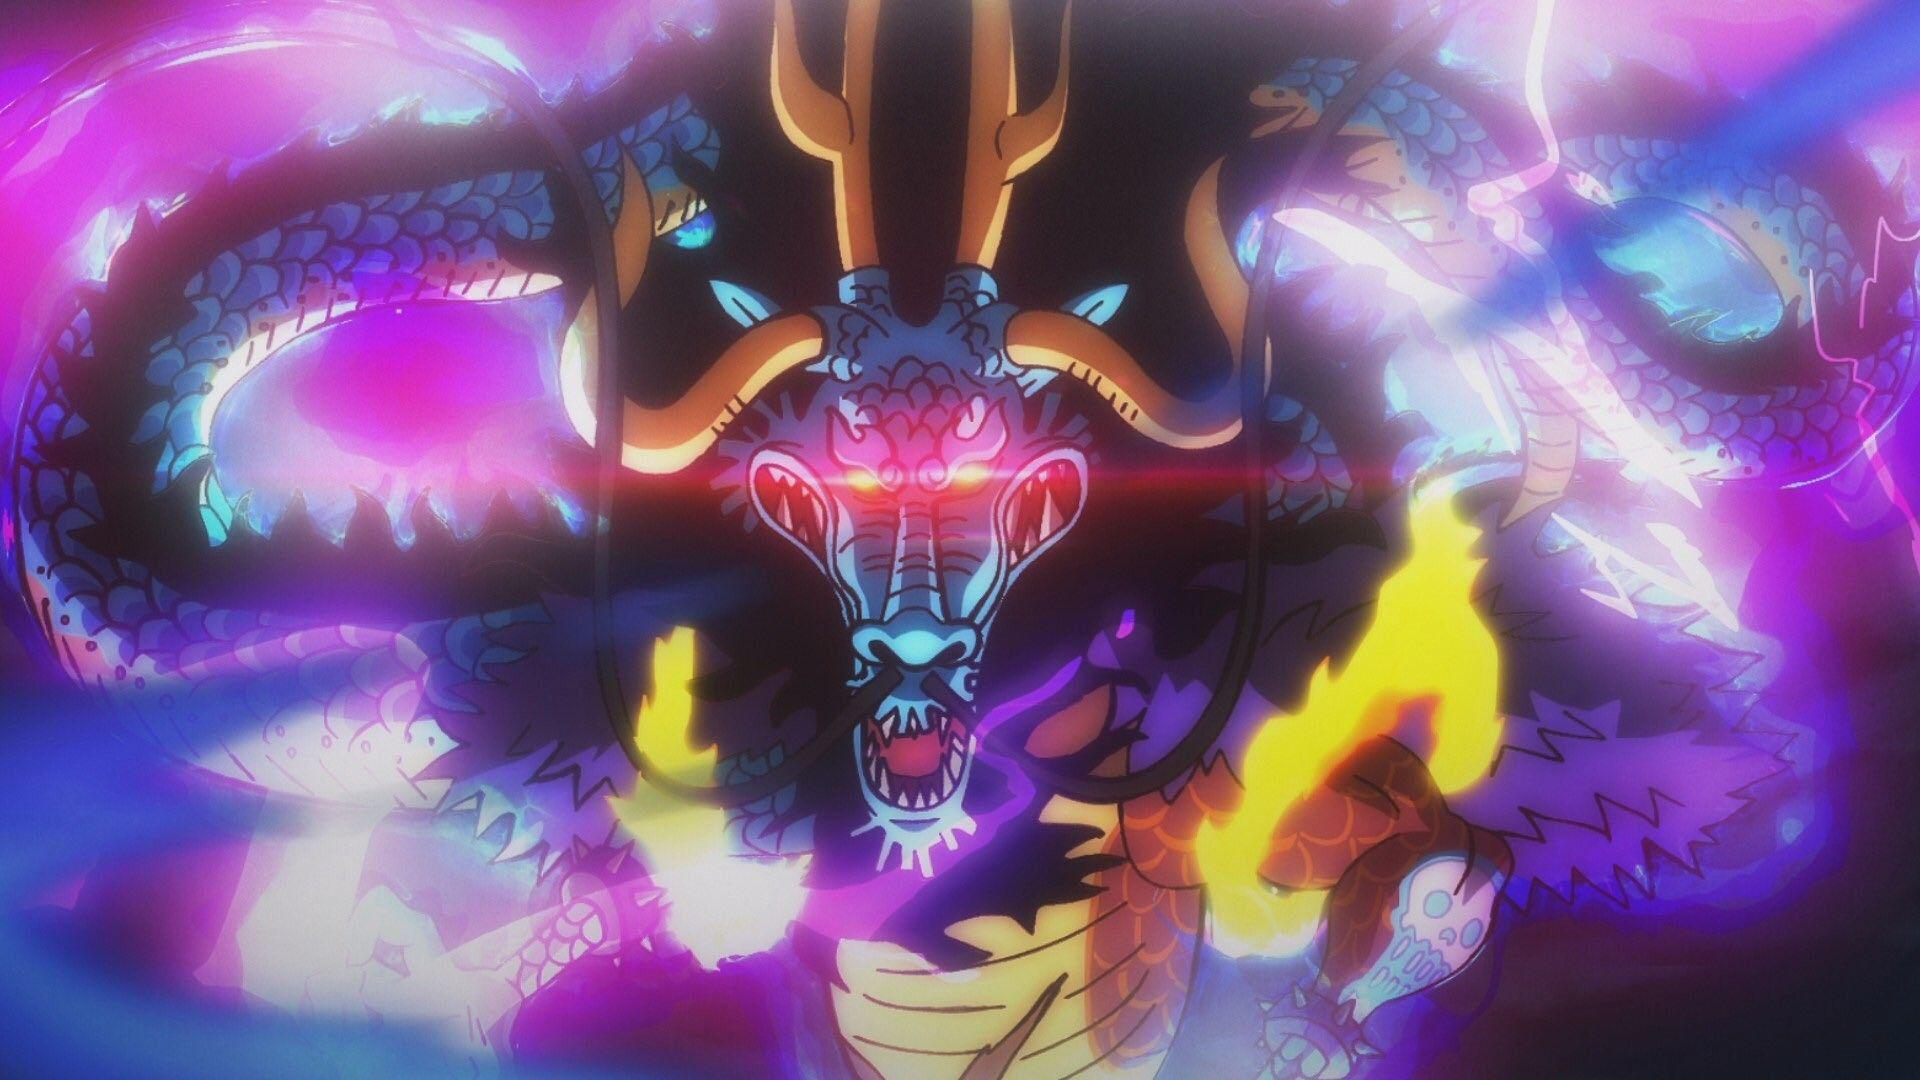 Kaido Wano Kuni Arc Kaido One Piece One Piece World One Piece Pictures